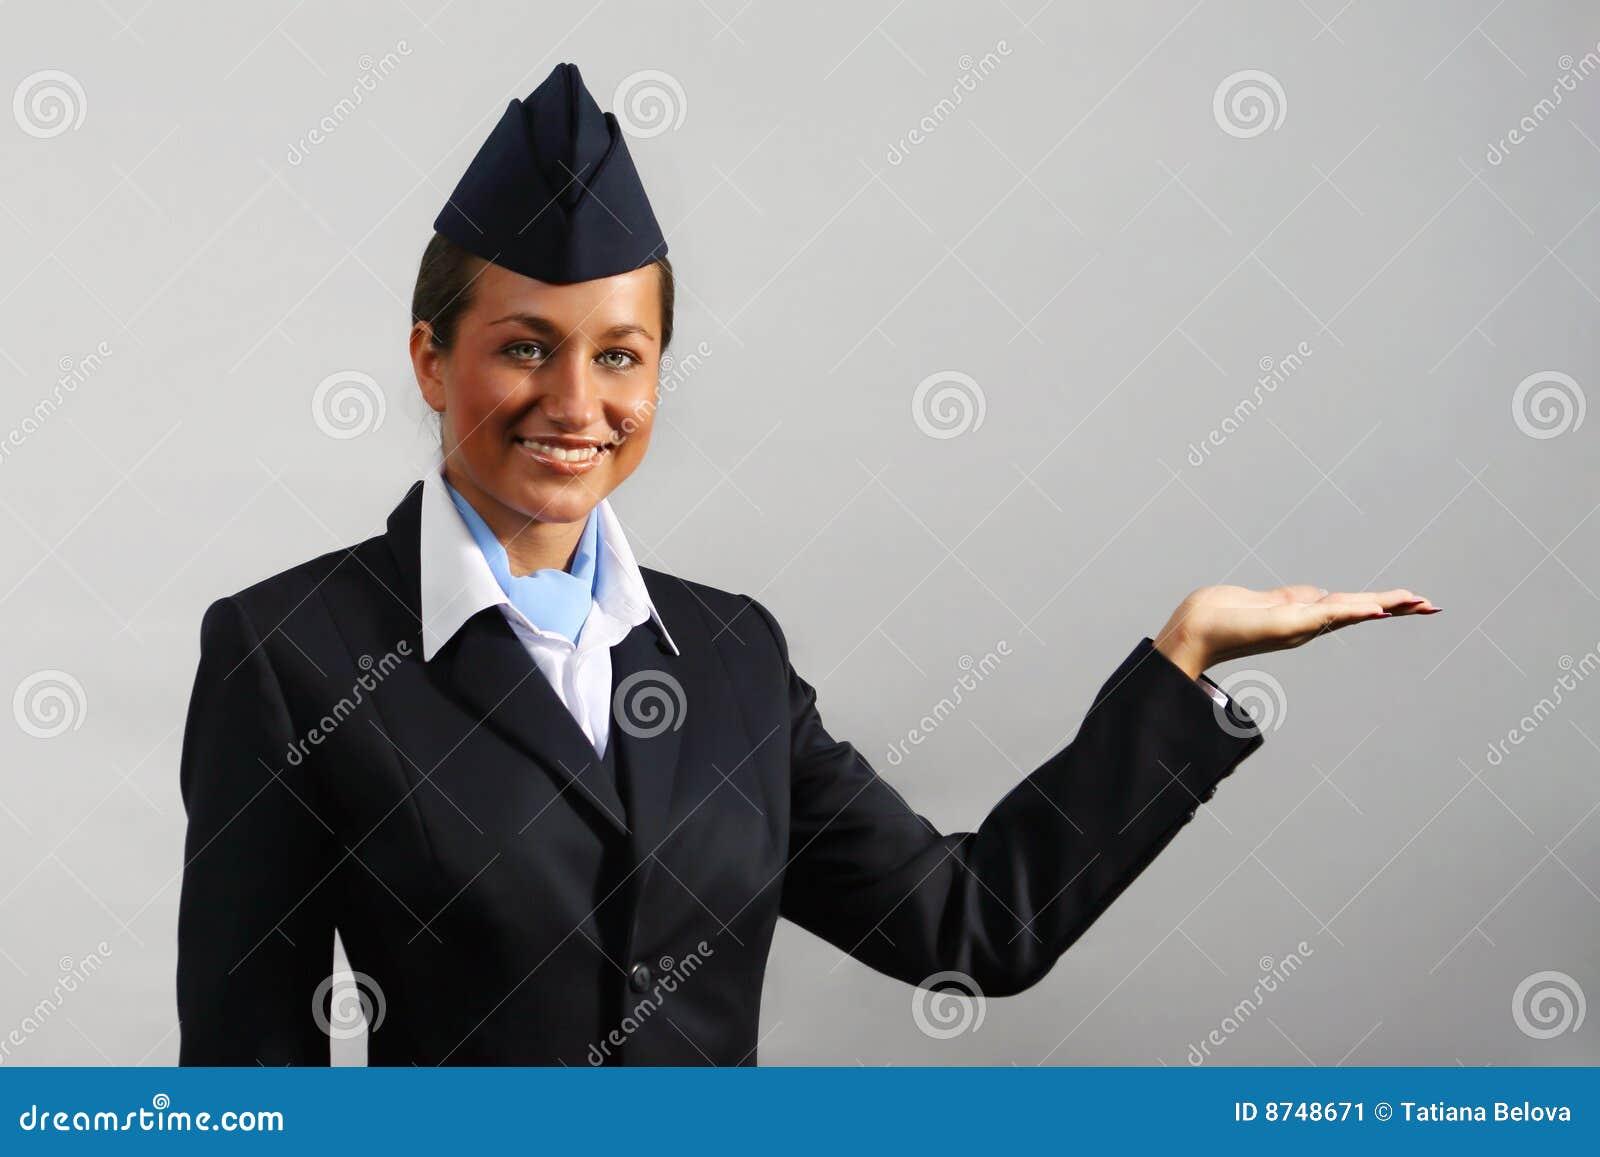 Стюардессы с грей 16 фотография